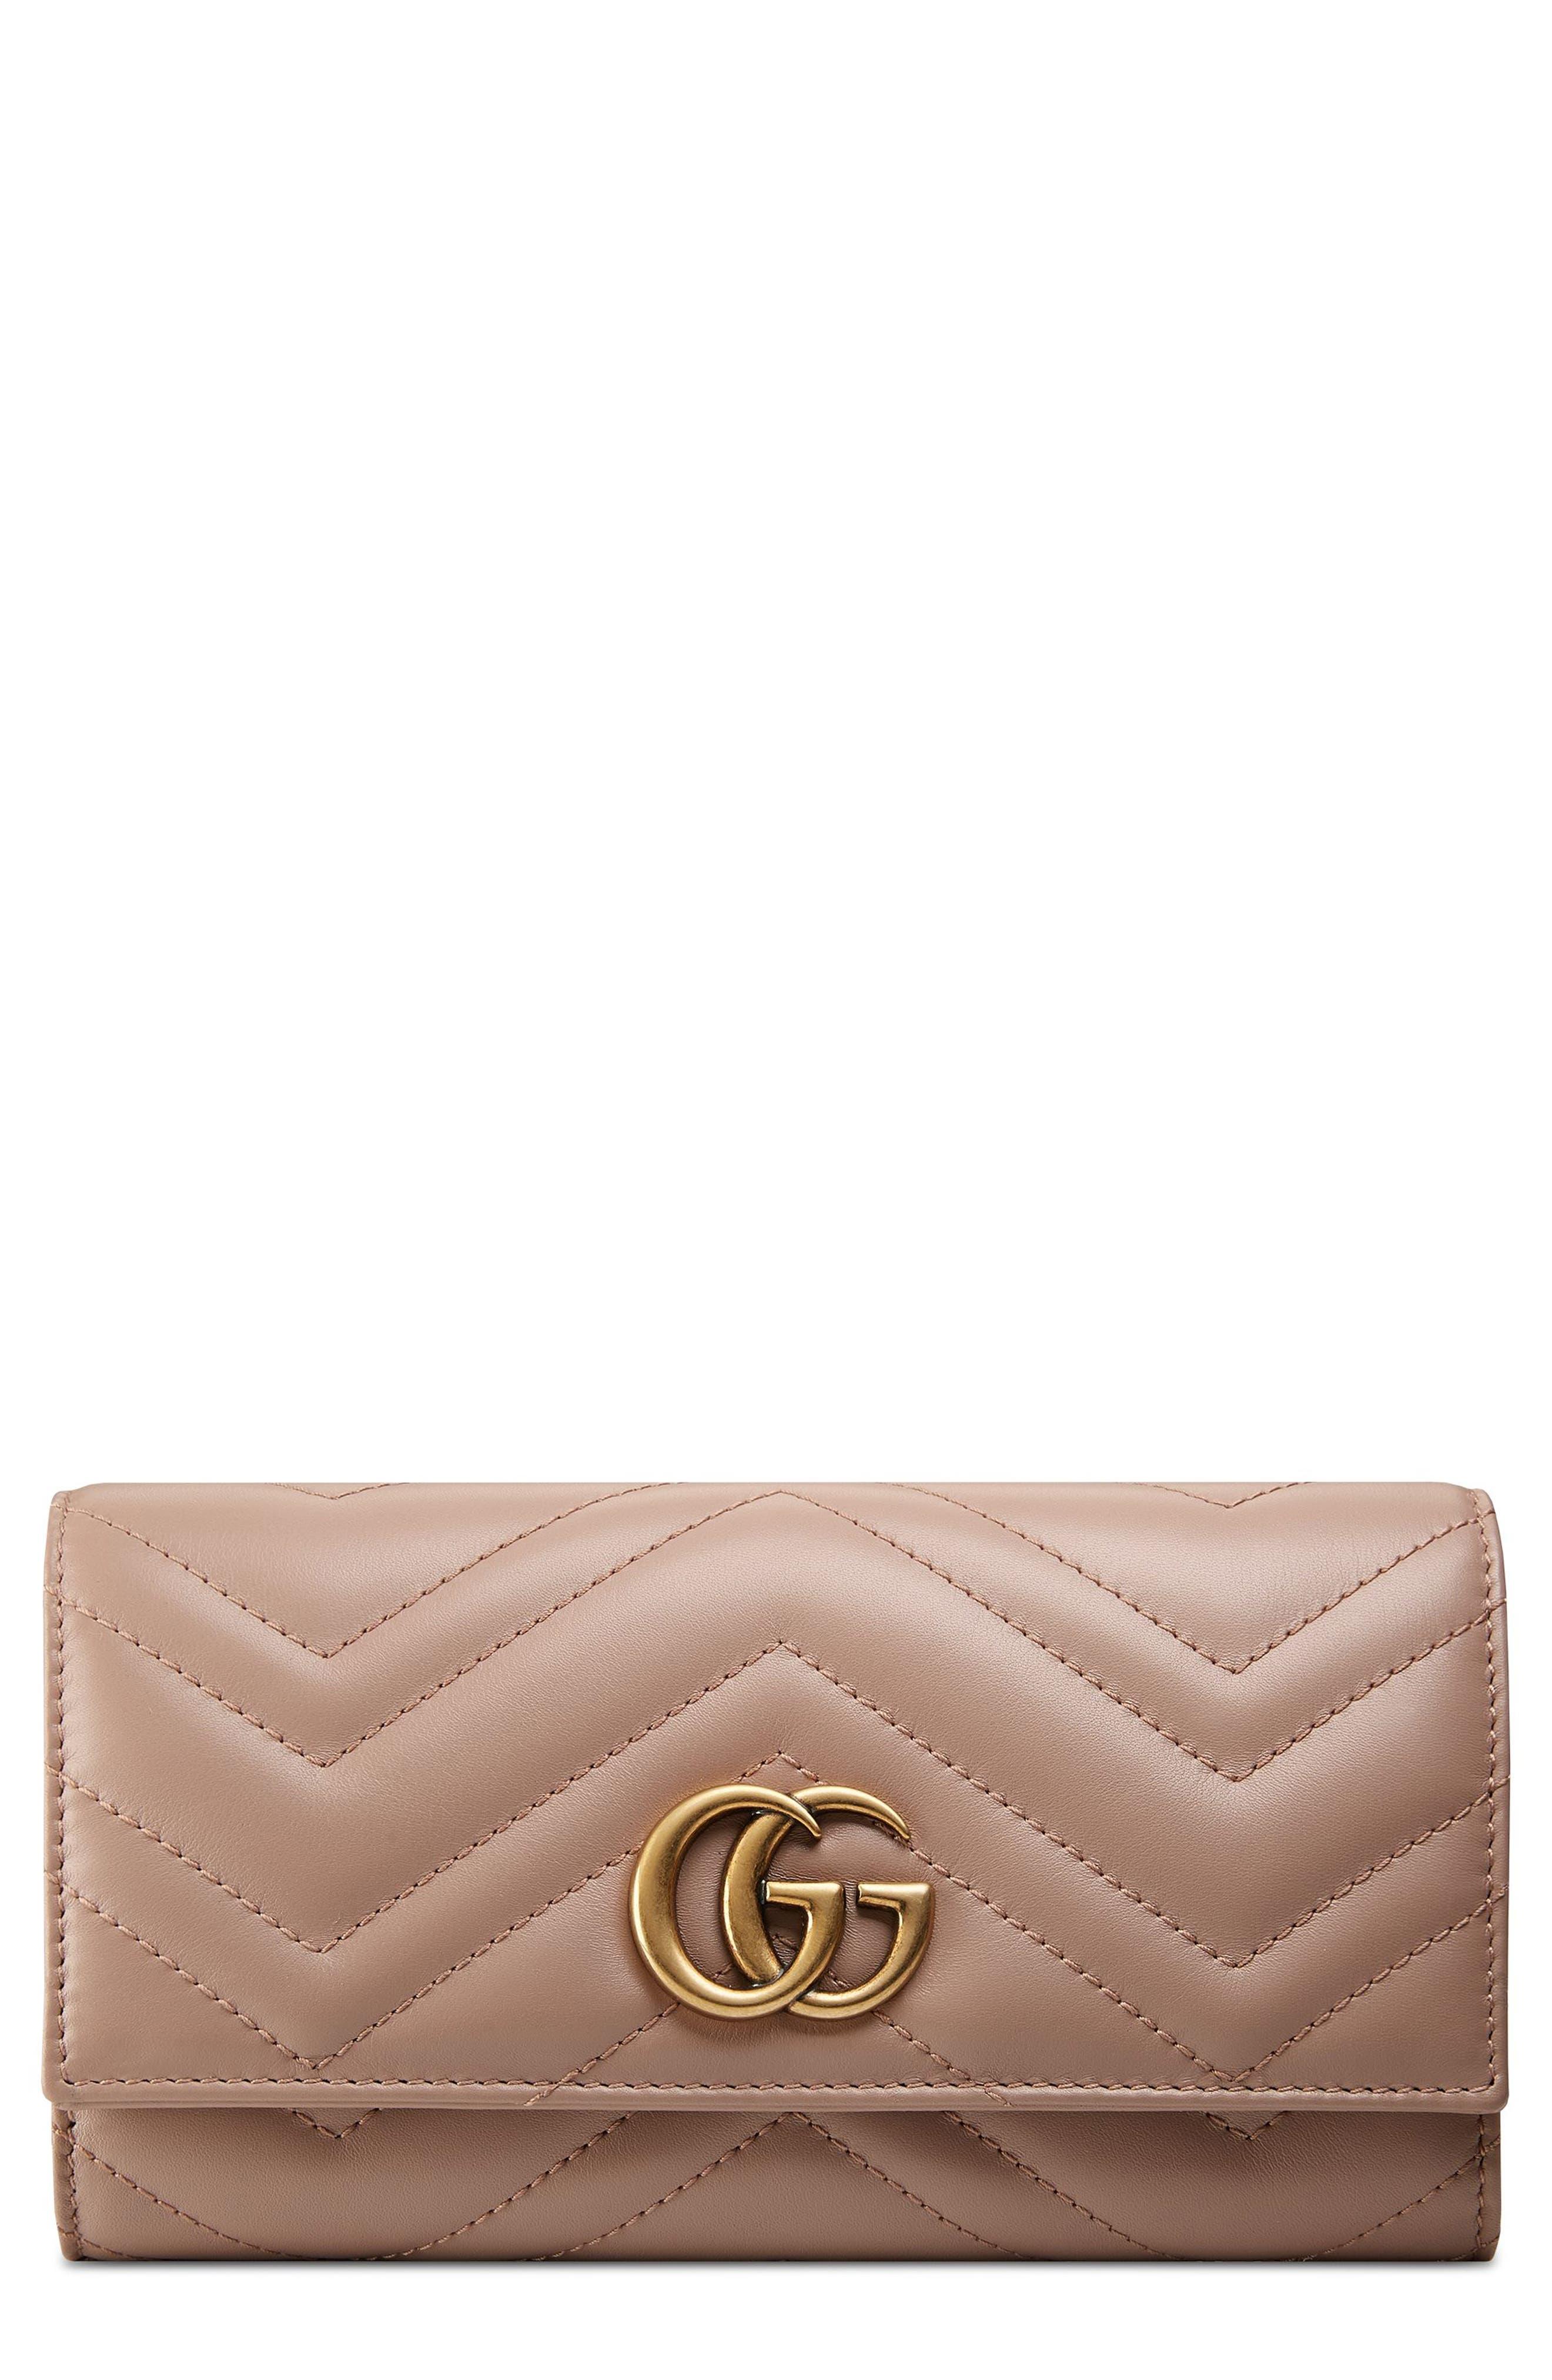 GG Marmont Matelassé Leather Continental Wallet,                         Main,                         color, PORCELAIN ROSE